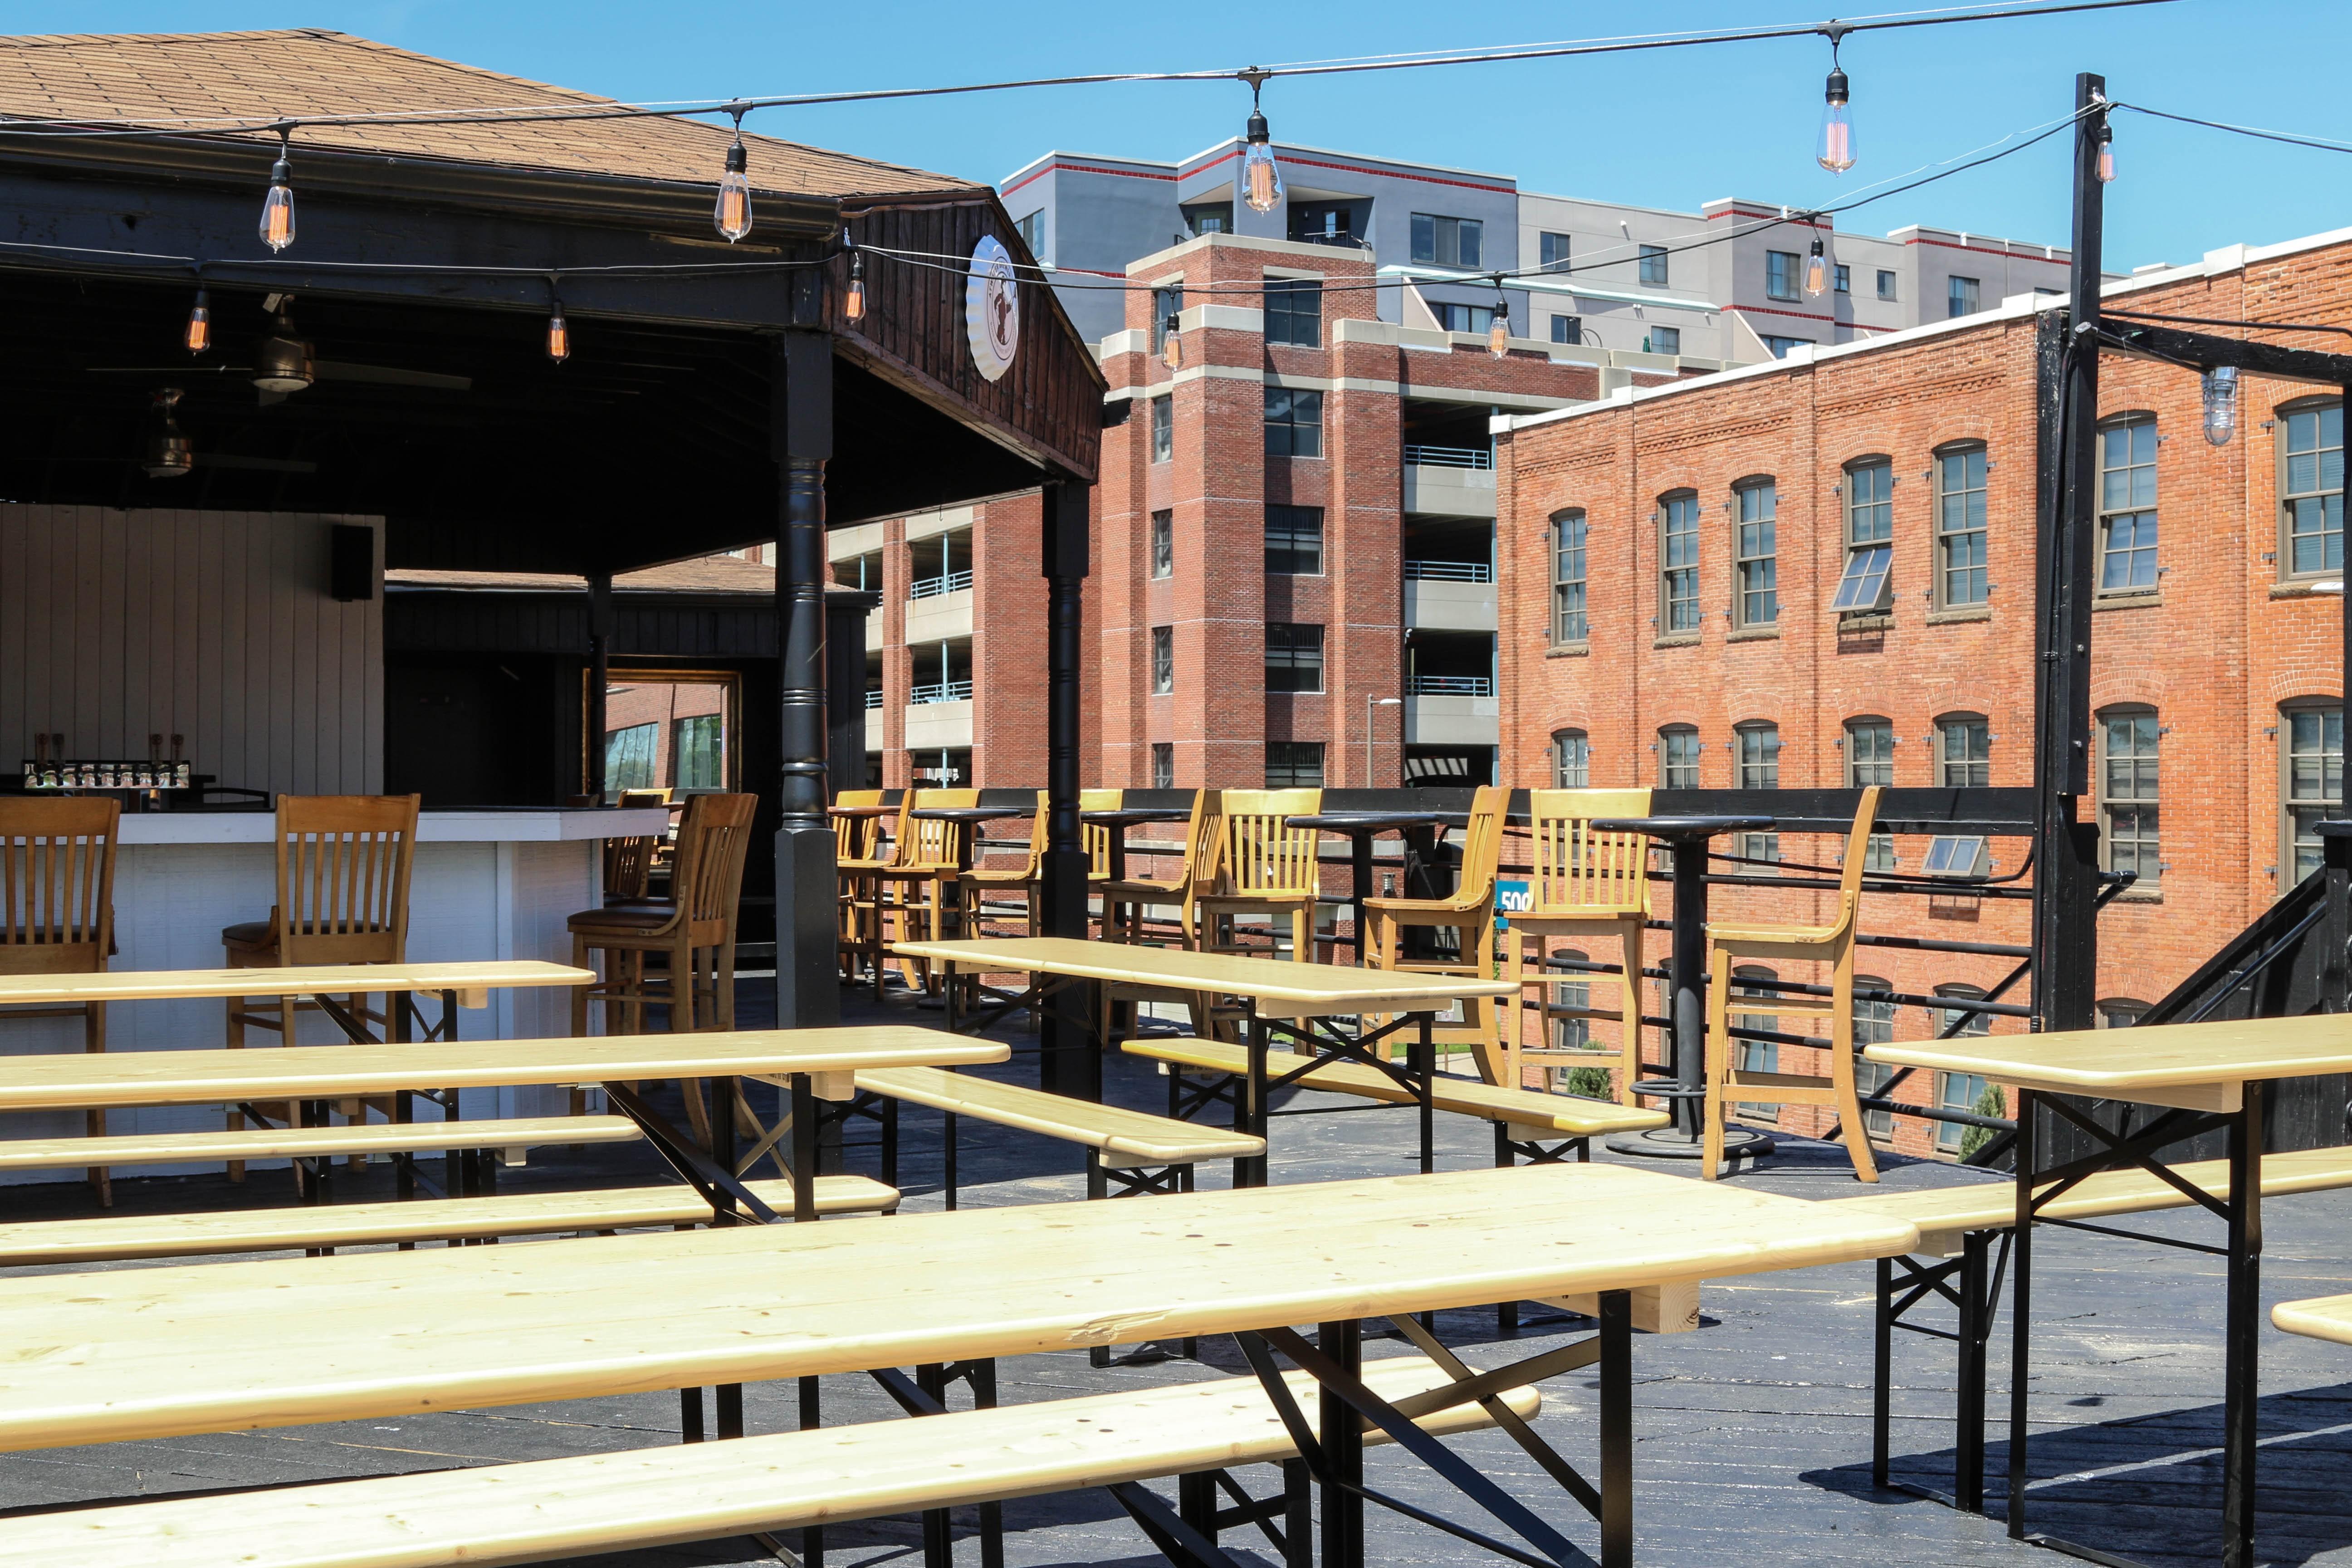 Atwater S Rivertown Rooftop Biergarten Opens Today The Scene